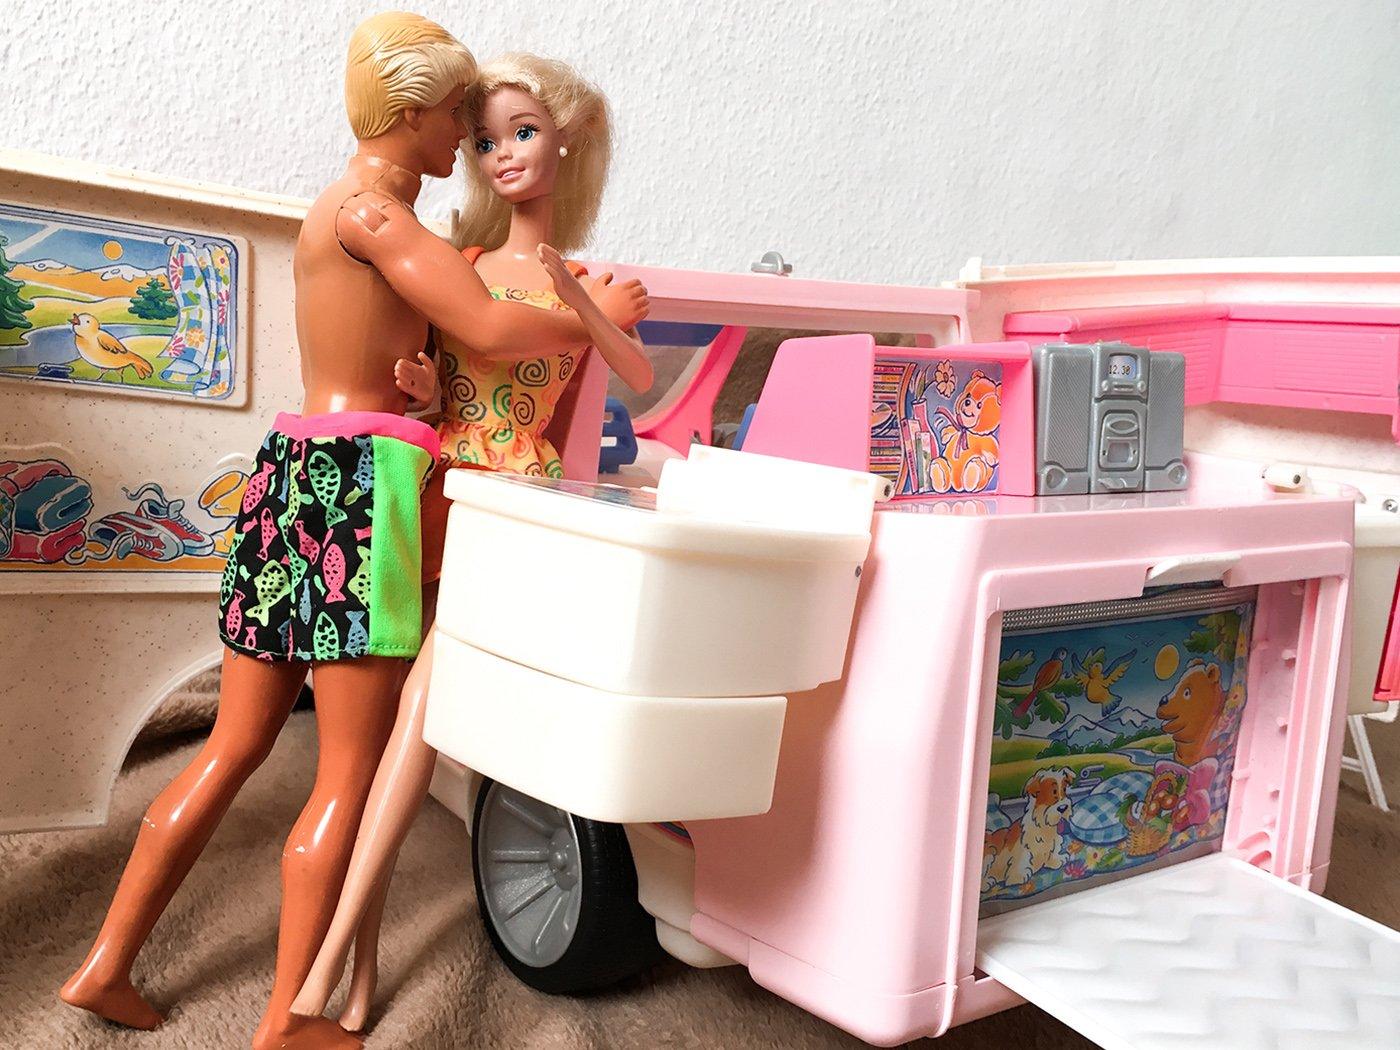 Sexstellungen im Camper Kleidung ablegen